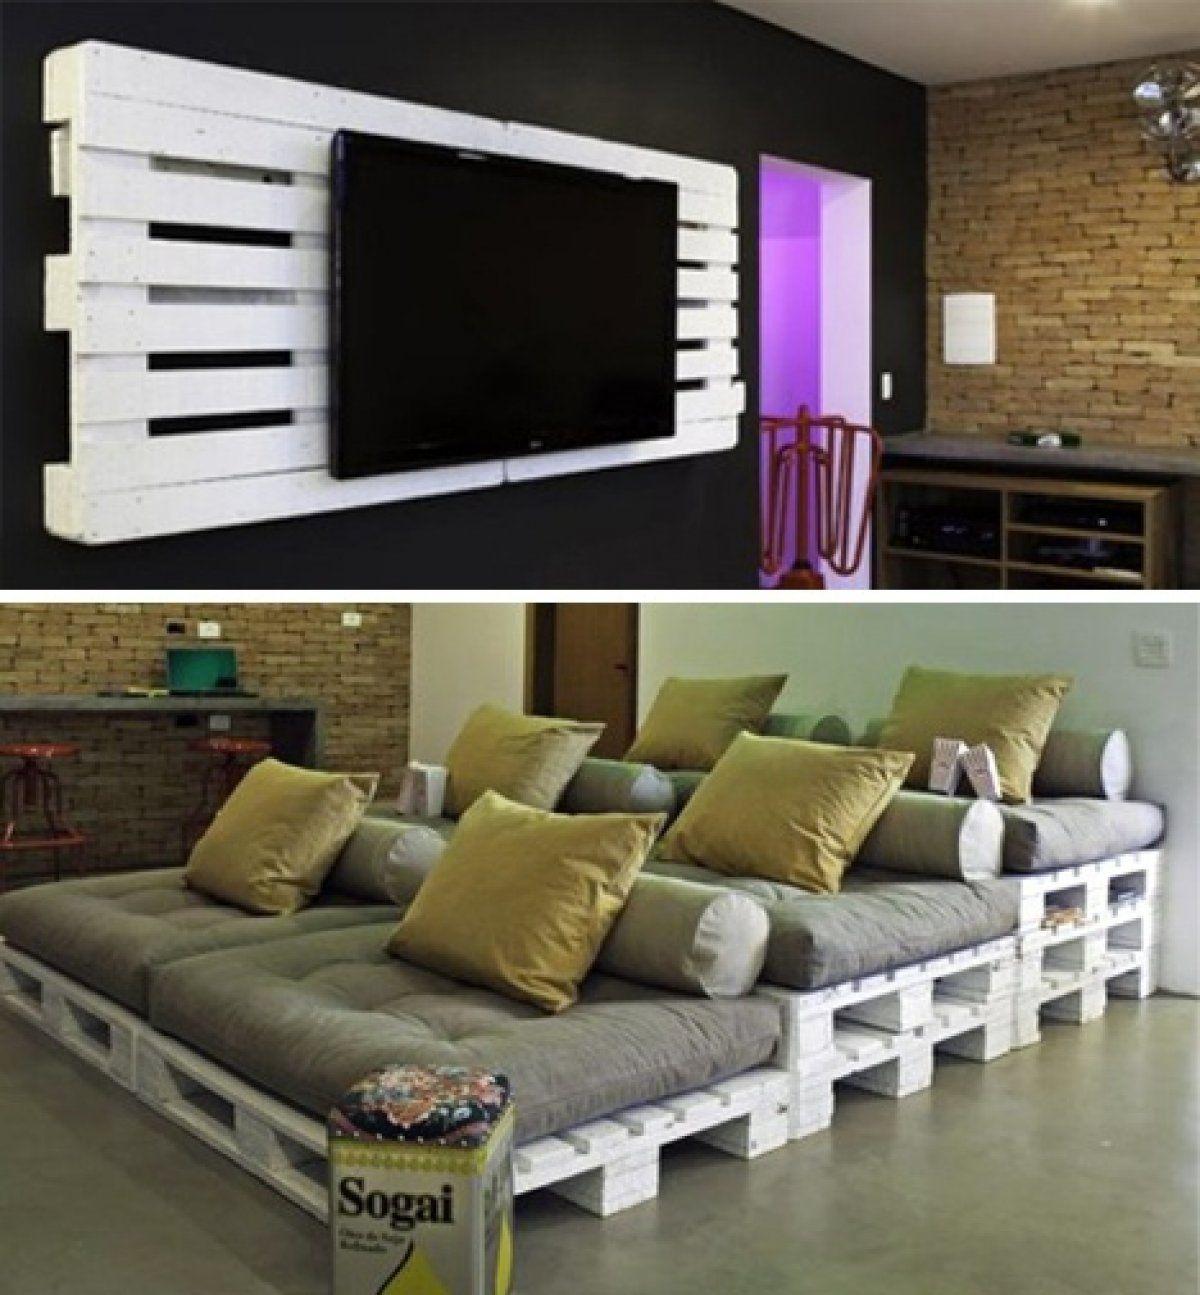 Mobilier de gradina din paleti de lemn - Pestre   Ecologic furniture ...